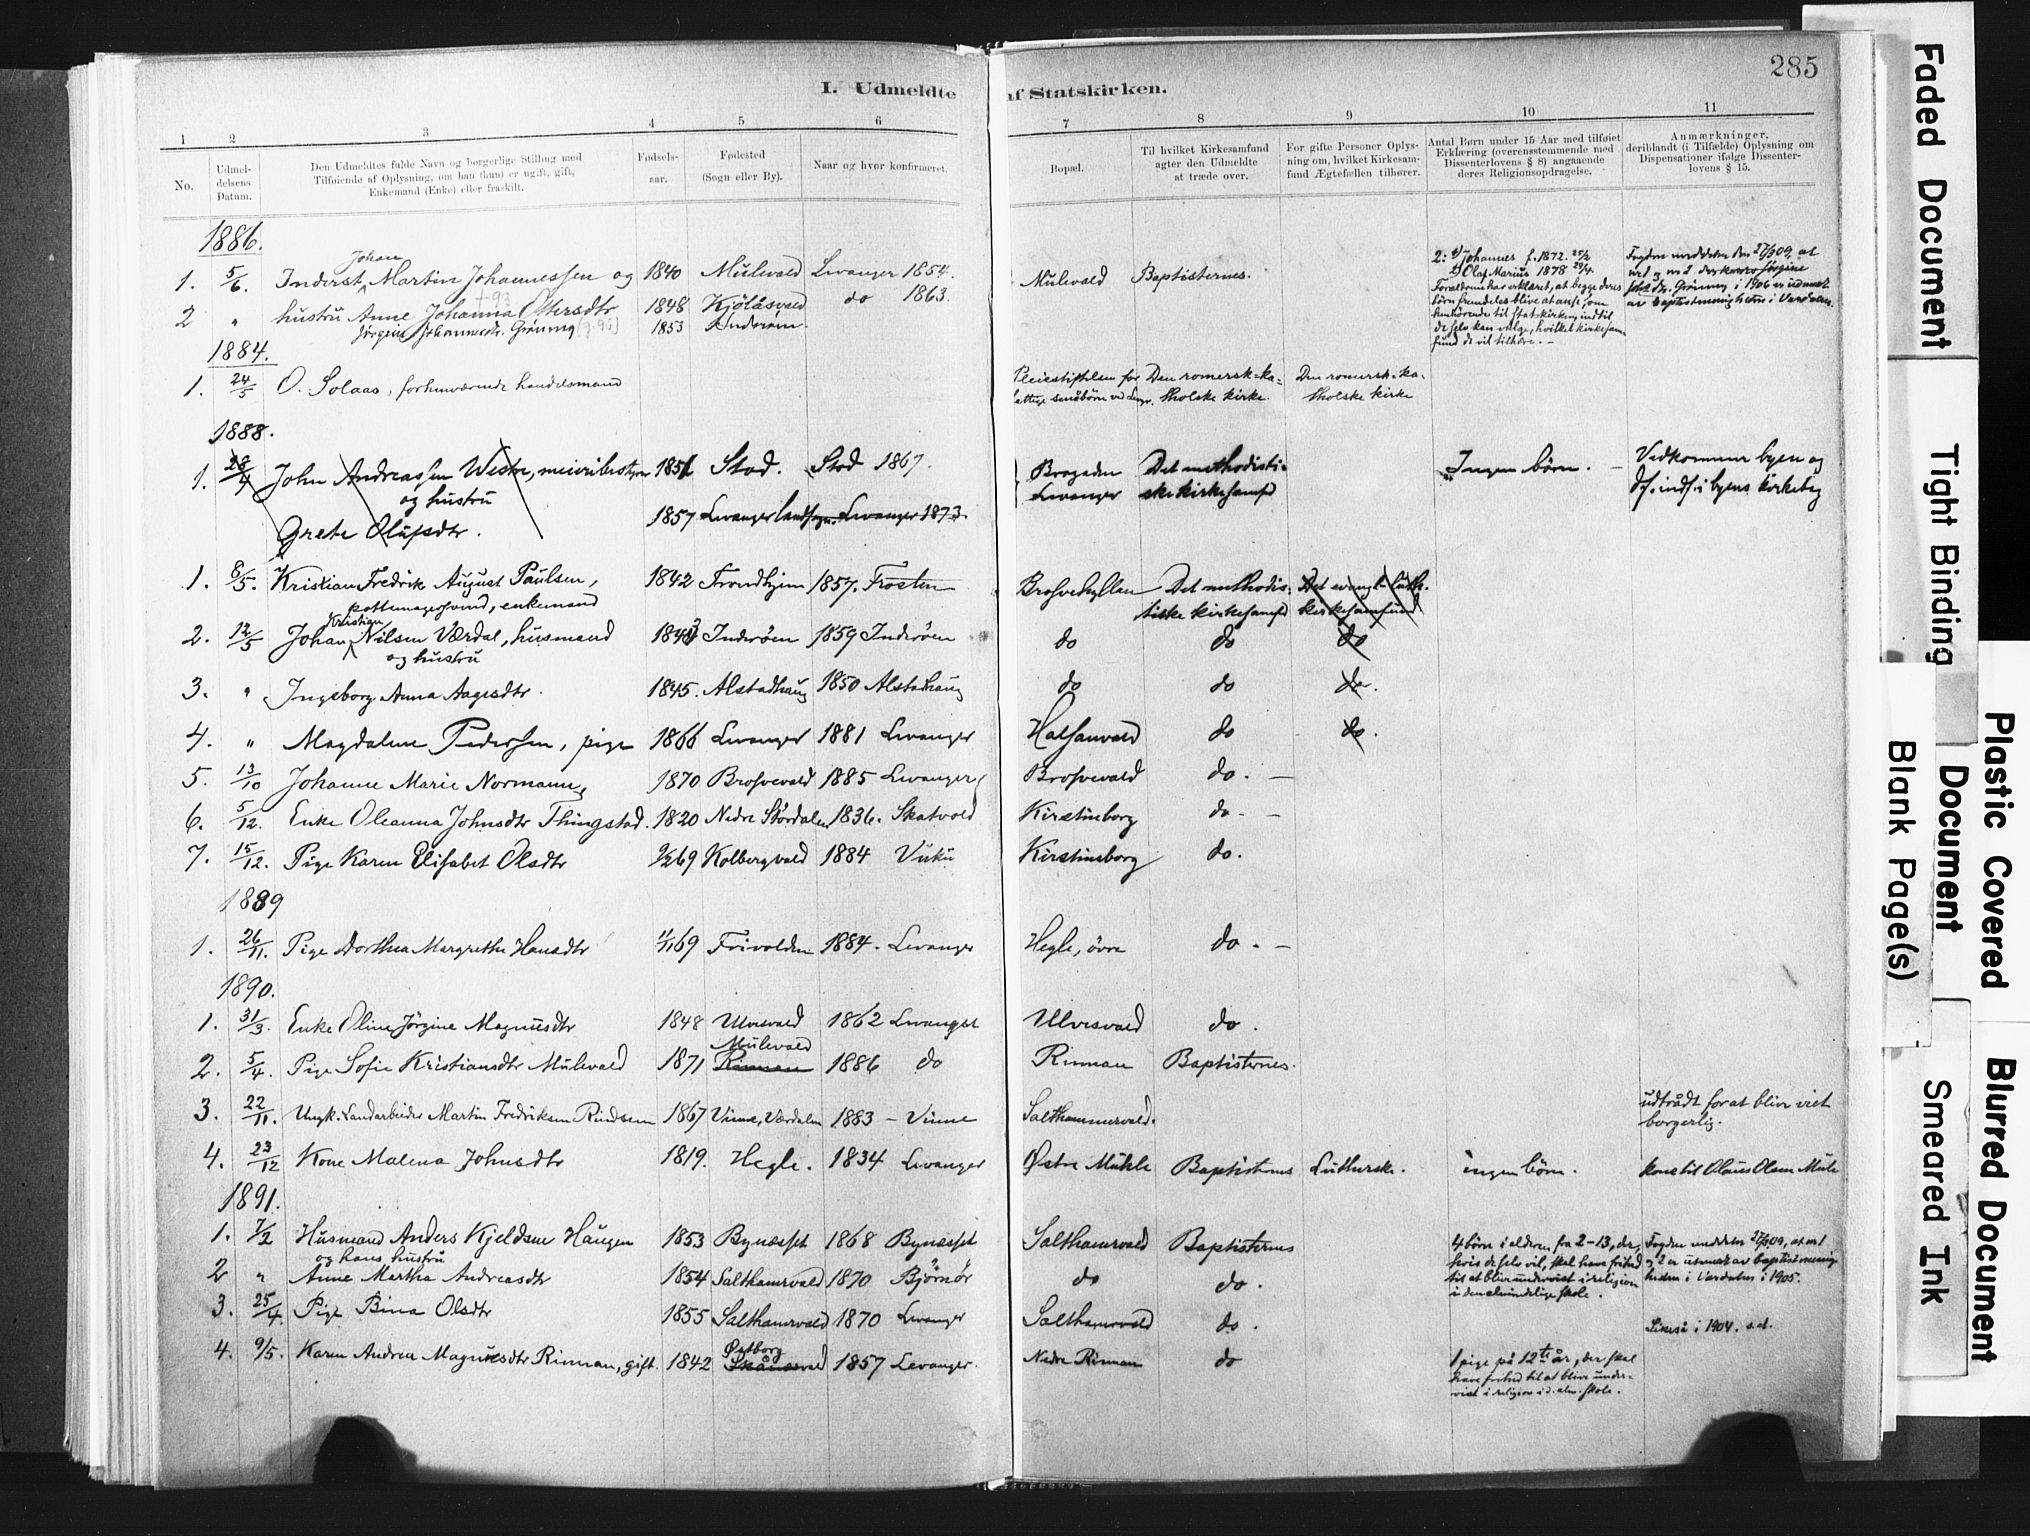 SAT, Ministerialprotokoller, klokkerbøker og fødselsregistre - Nord-Trøndelag, 721/L0207: Ministerialbok nr. 721A02, 1880-1911, s. 285